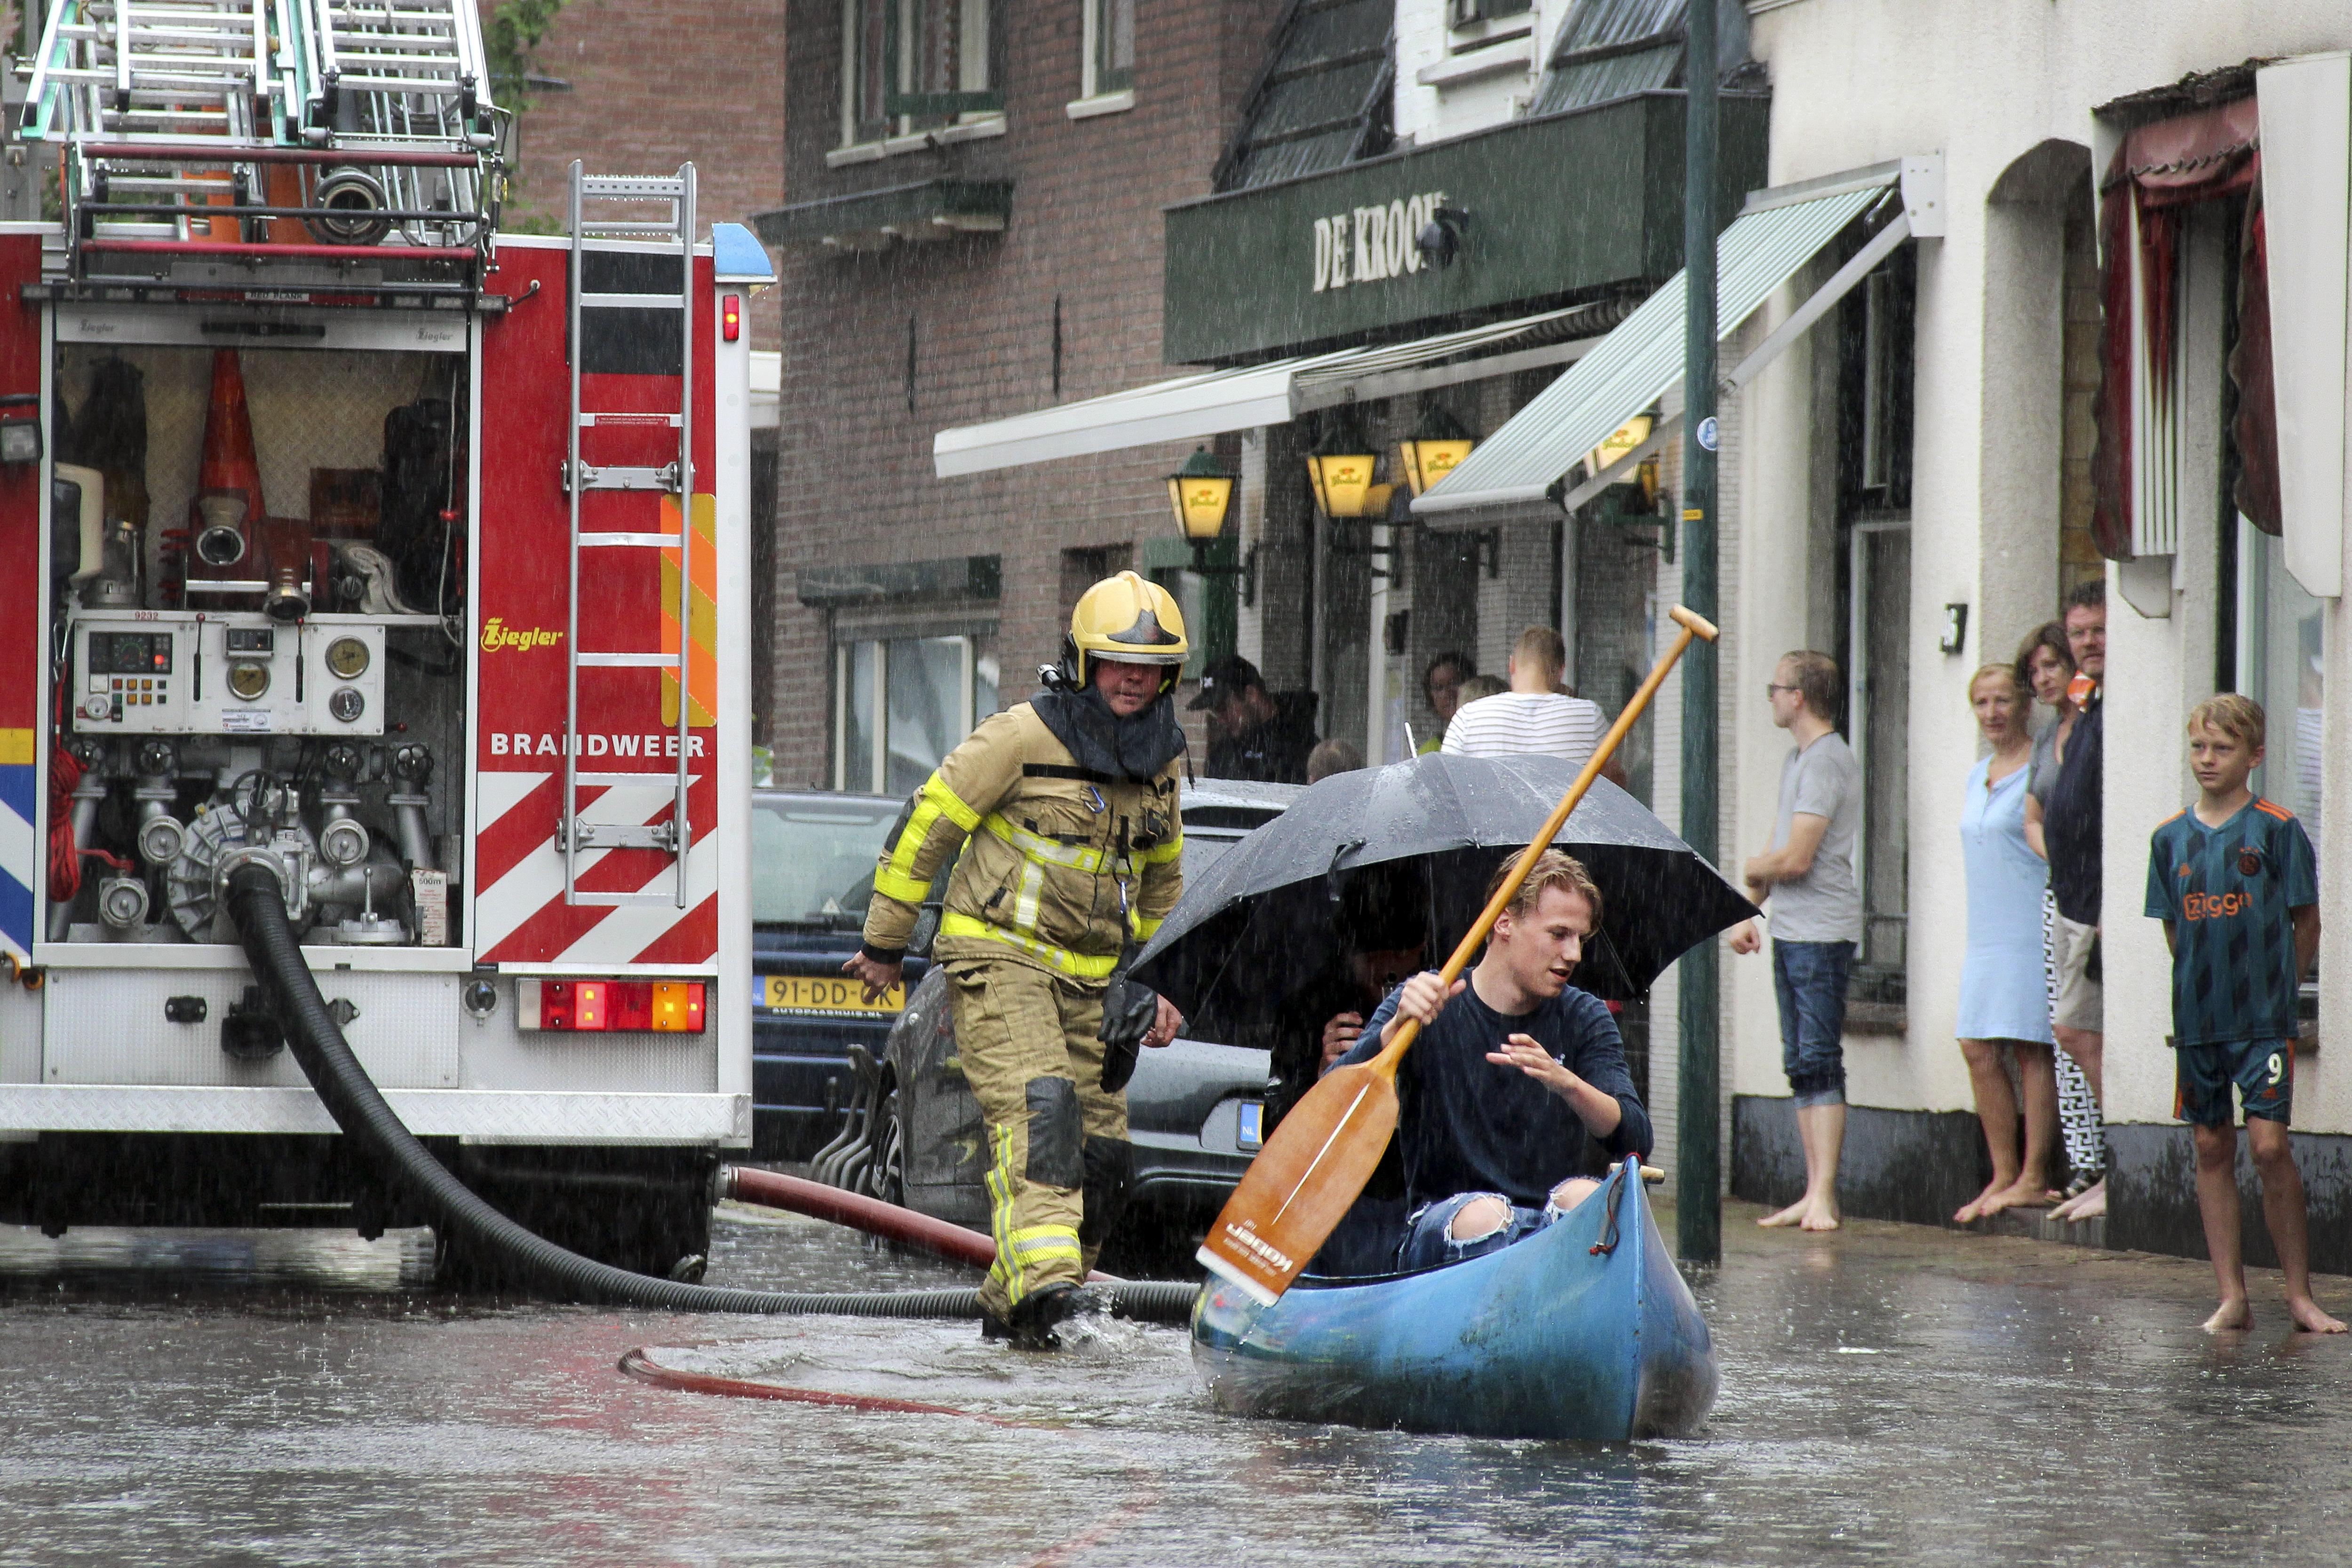 Een foto van een man die vaart door het water in een straat.